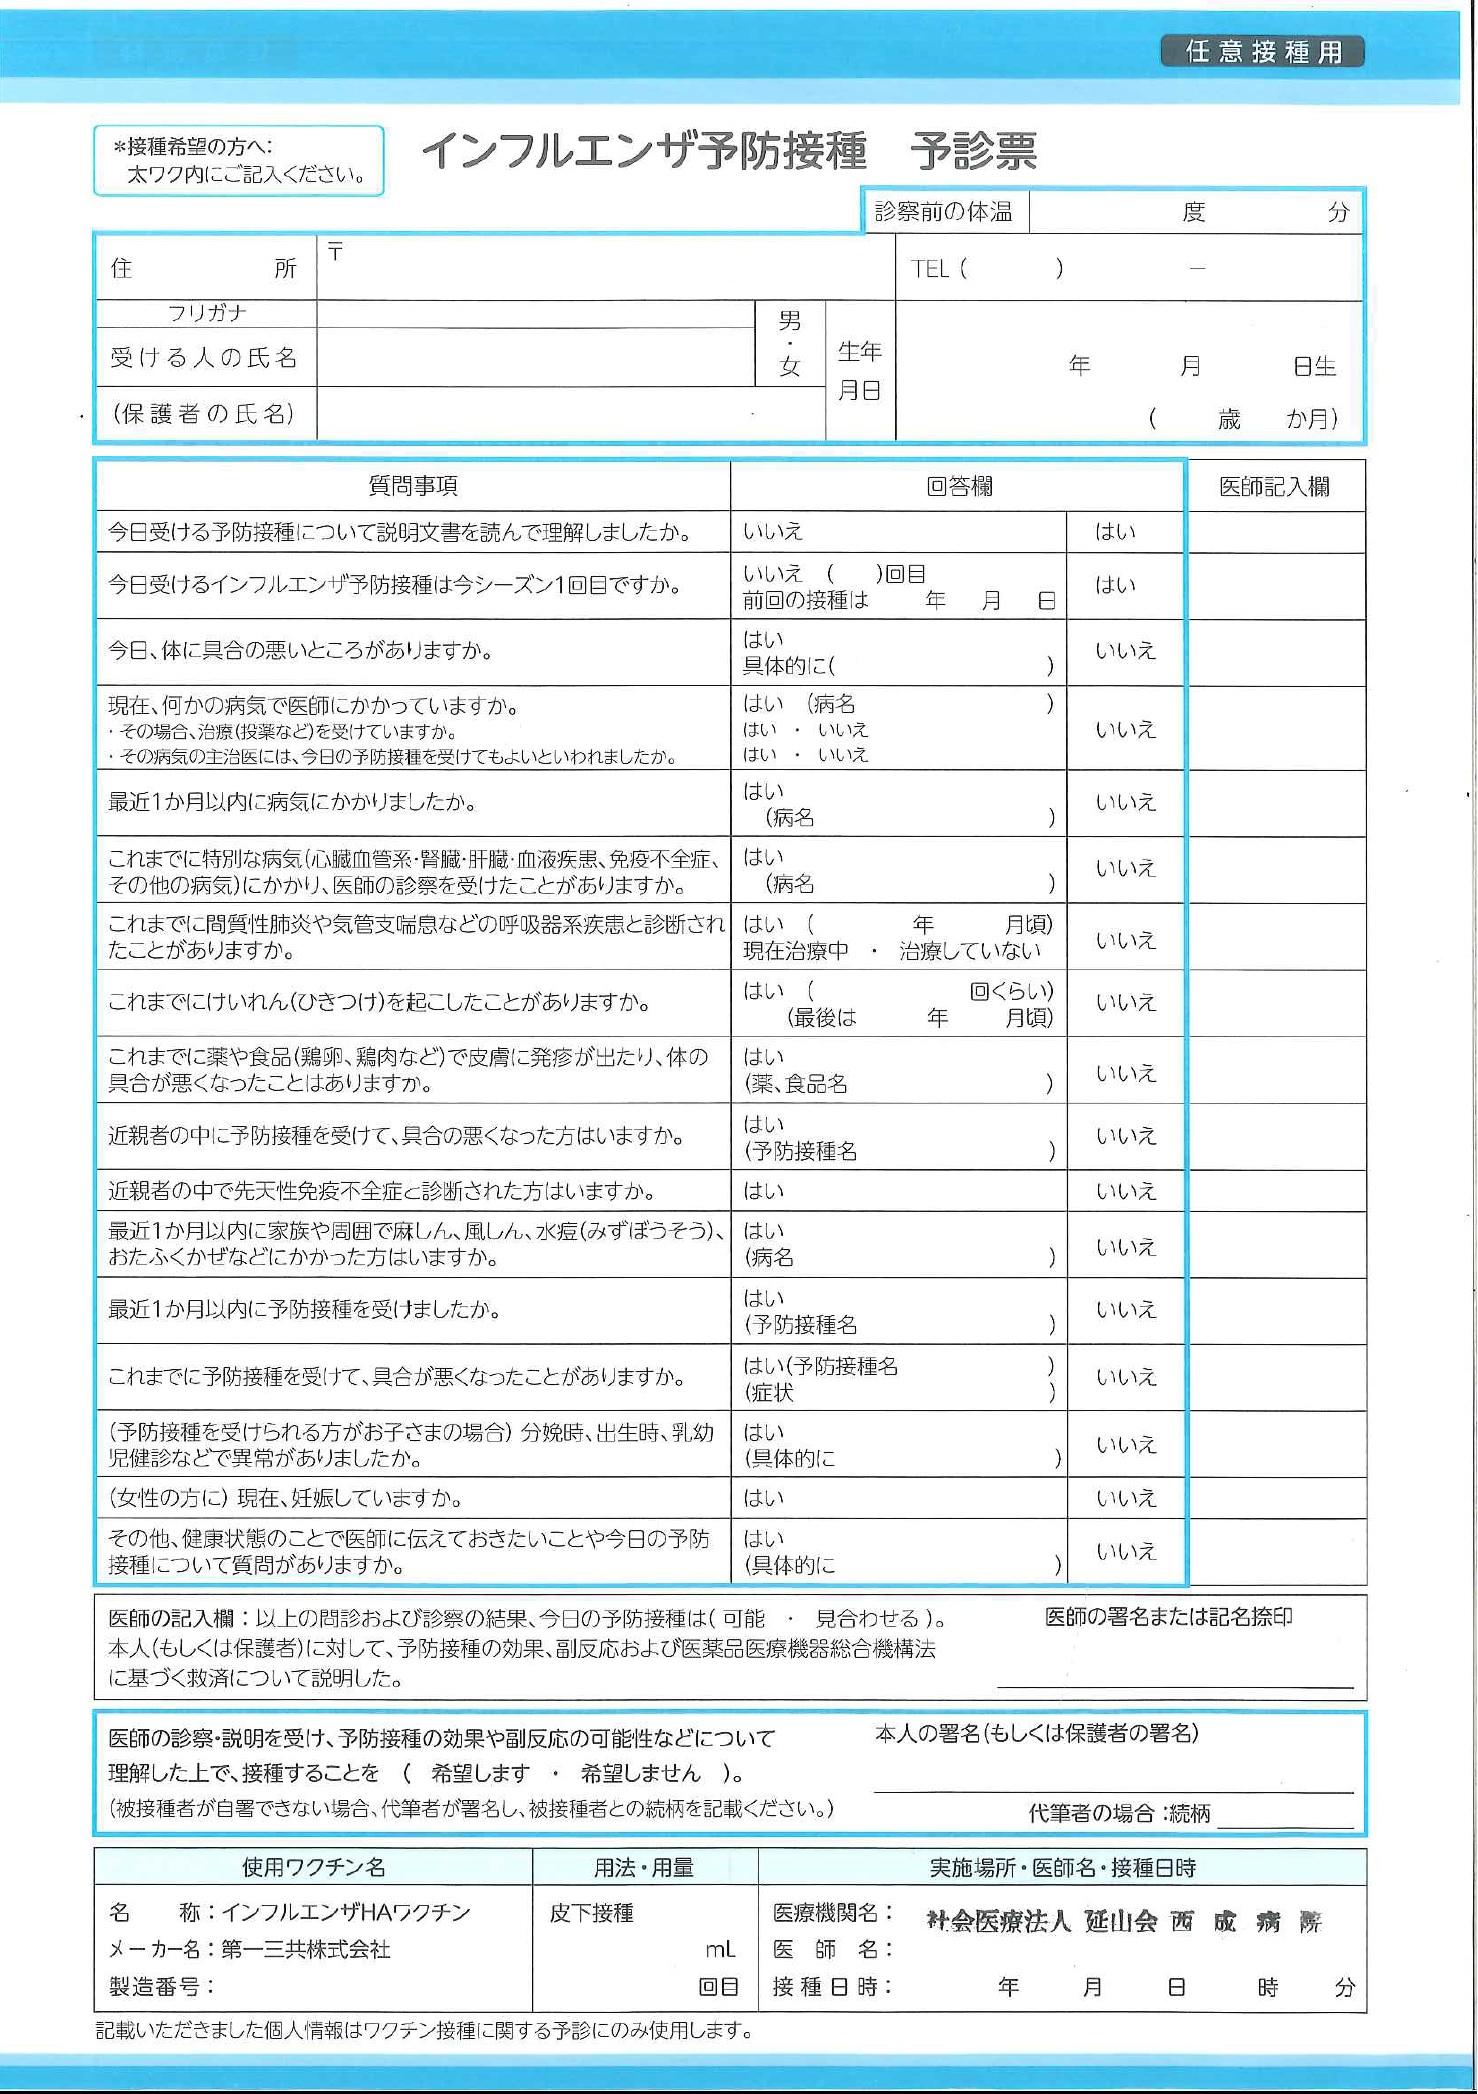 インフルエンザ予防接種 予診票 表画像.jpg